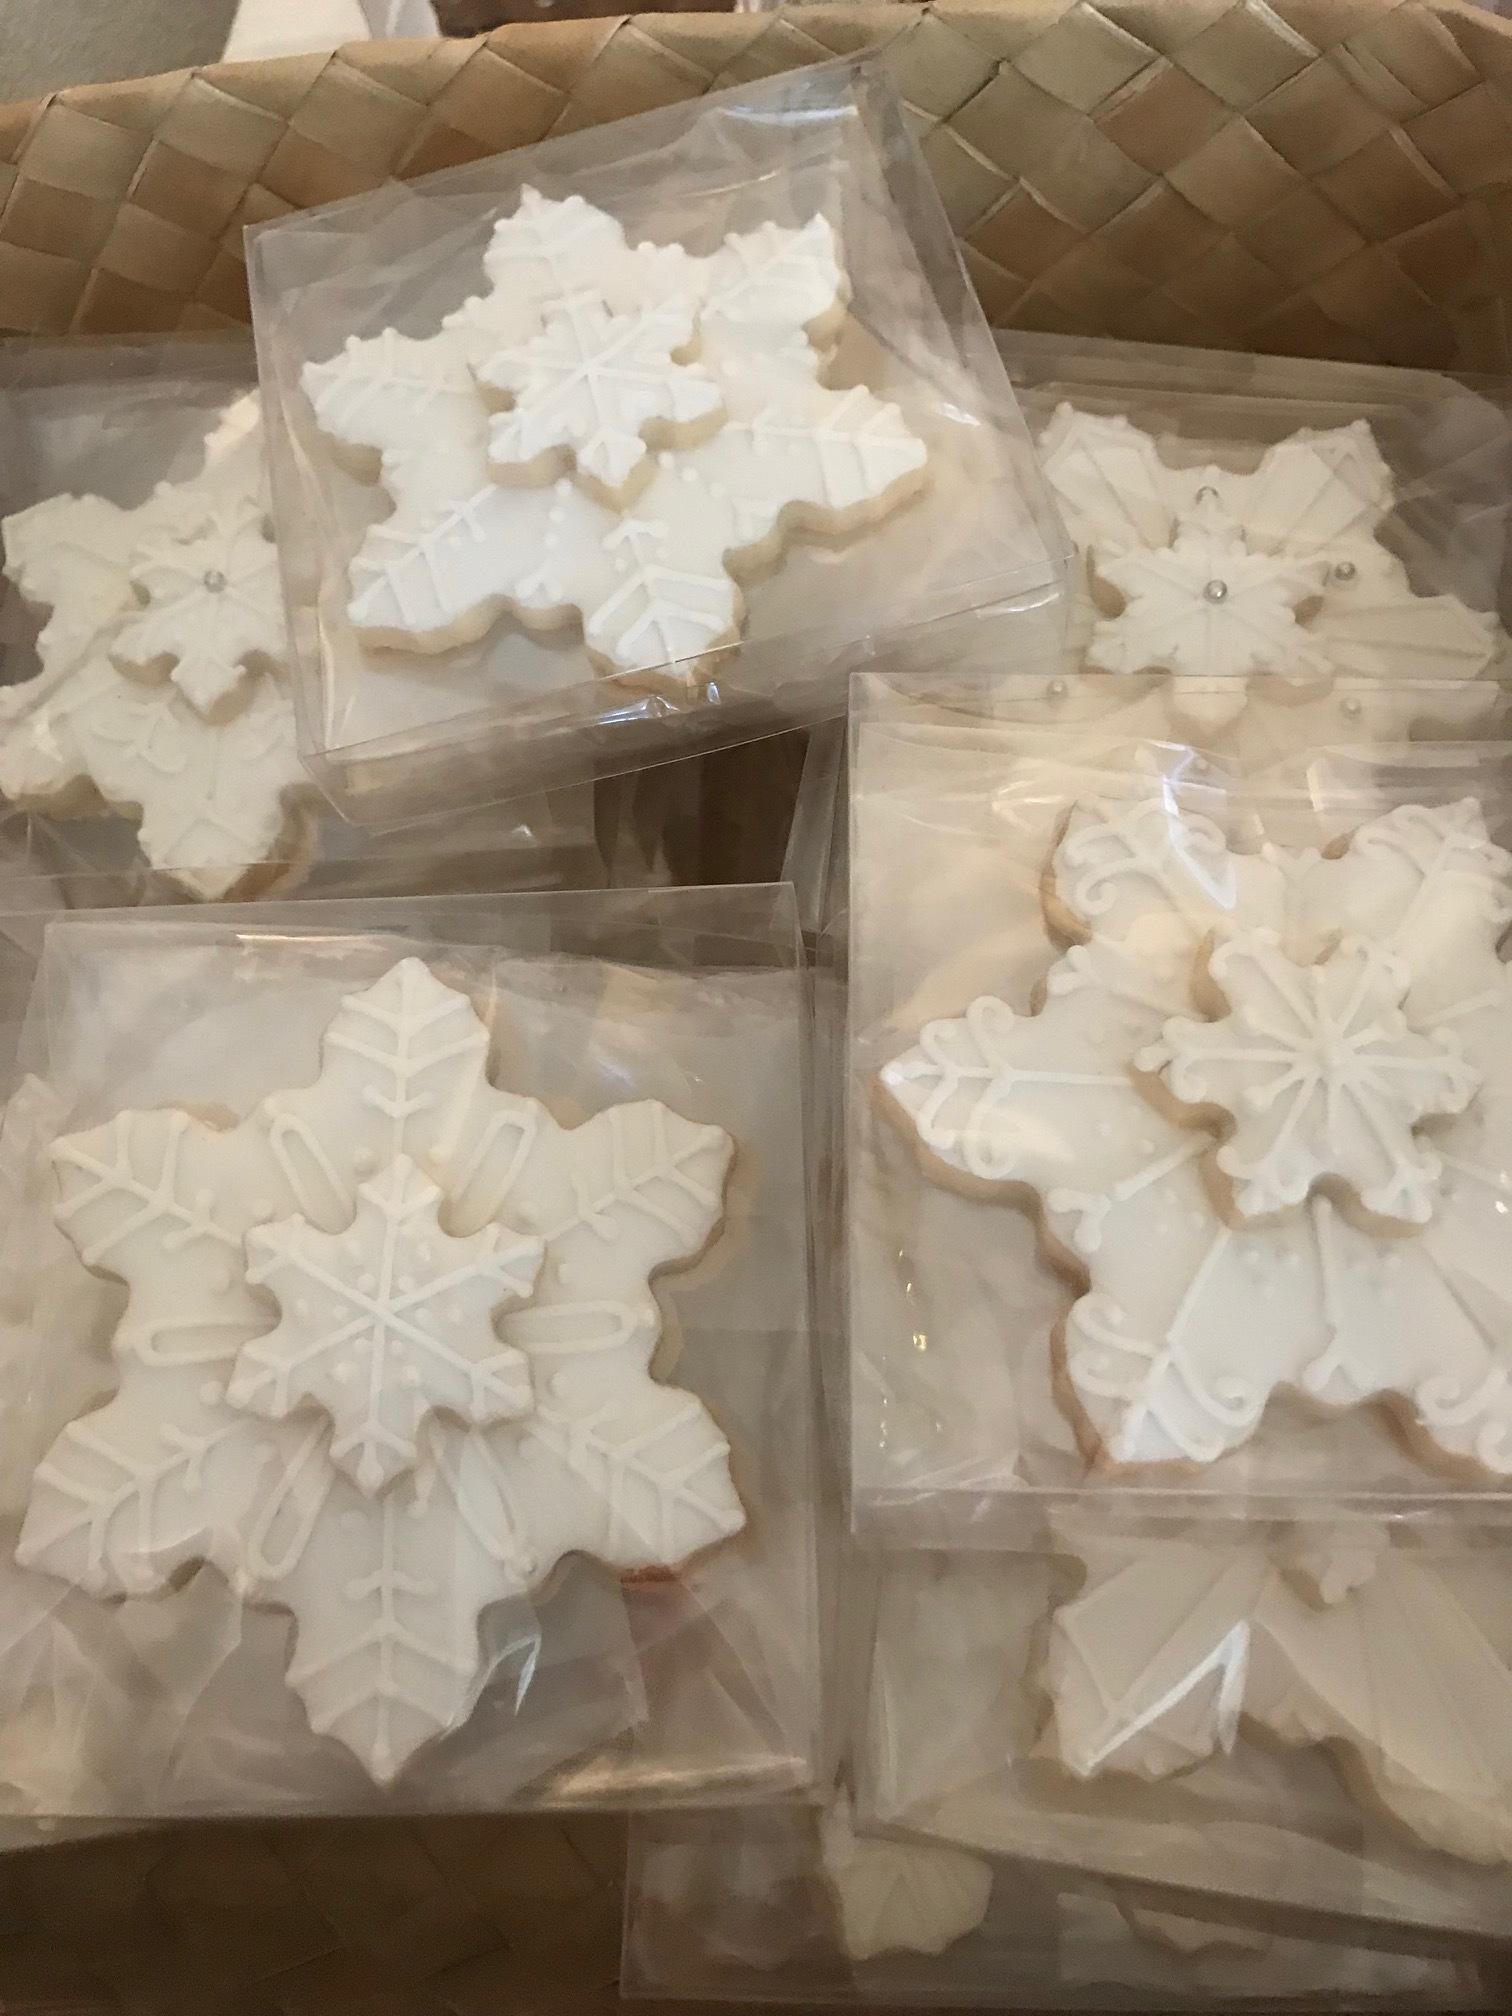 Snowflake Cookies by Zoe, Hawaii